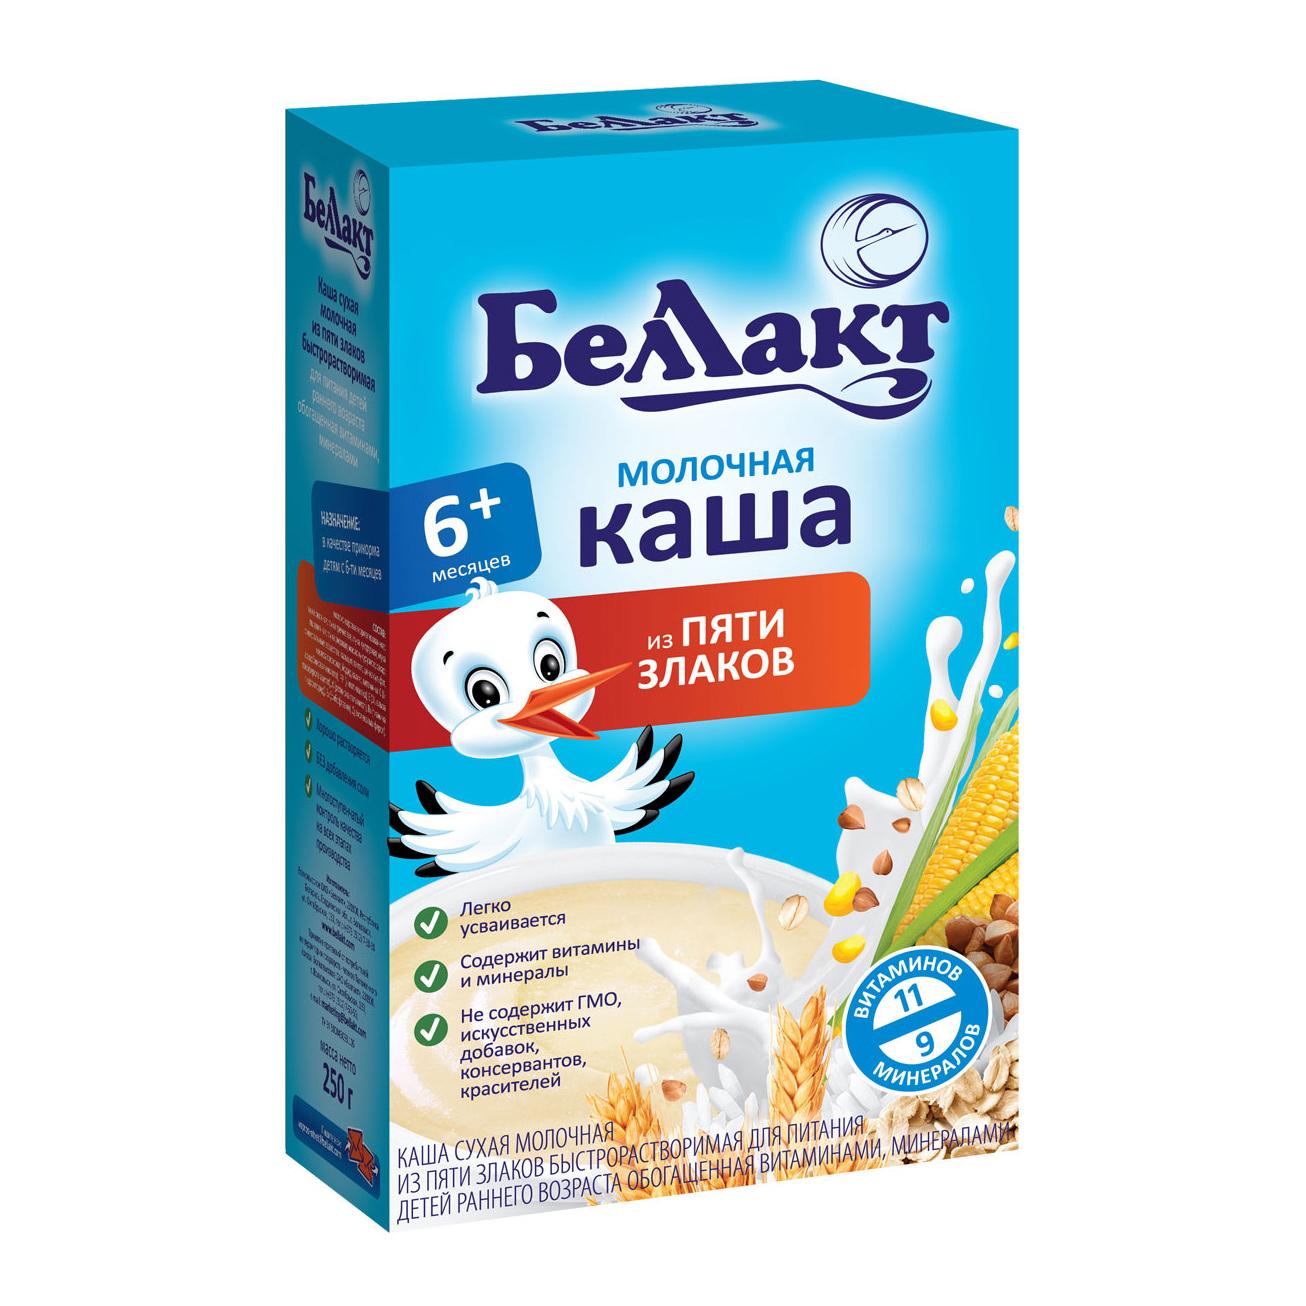 Каша молочная Беллакт из 5 злаков с 6-ти месяцев 250 г